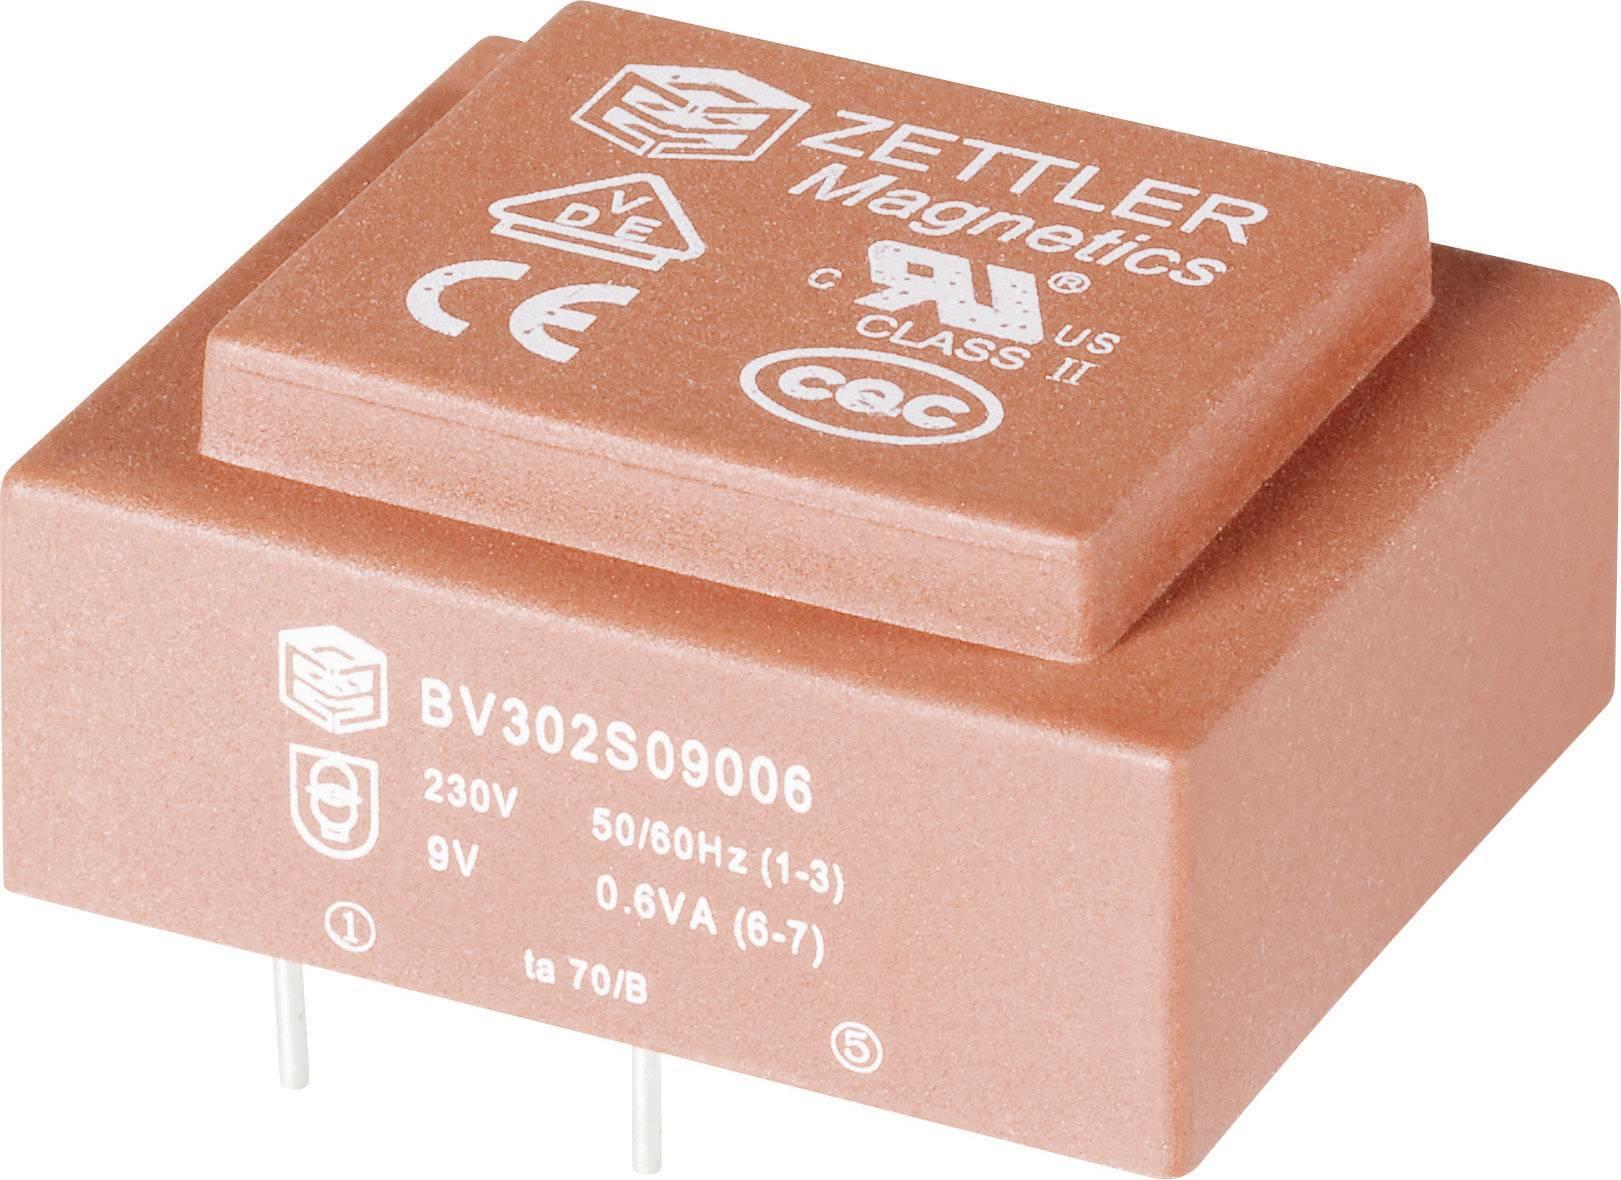 Transformátor do DPS Zettler Magnetics El30, 230 V/2x 9 V, 2x 33 mA, 2 VA